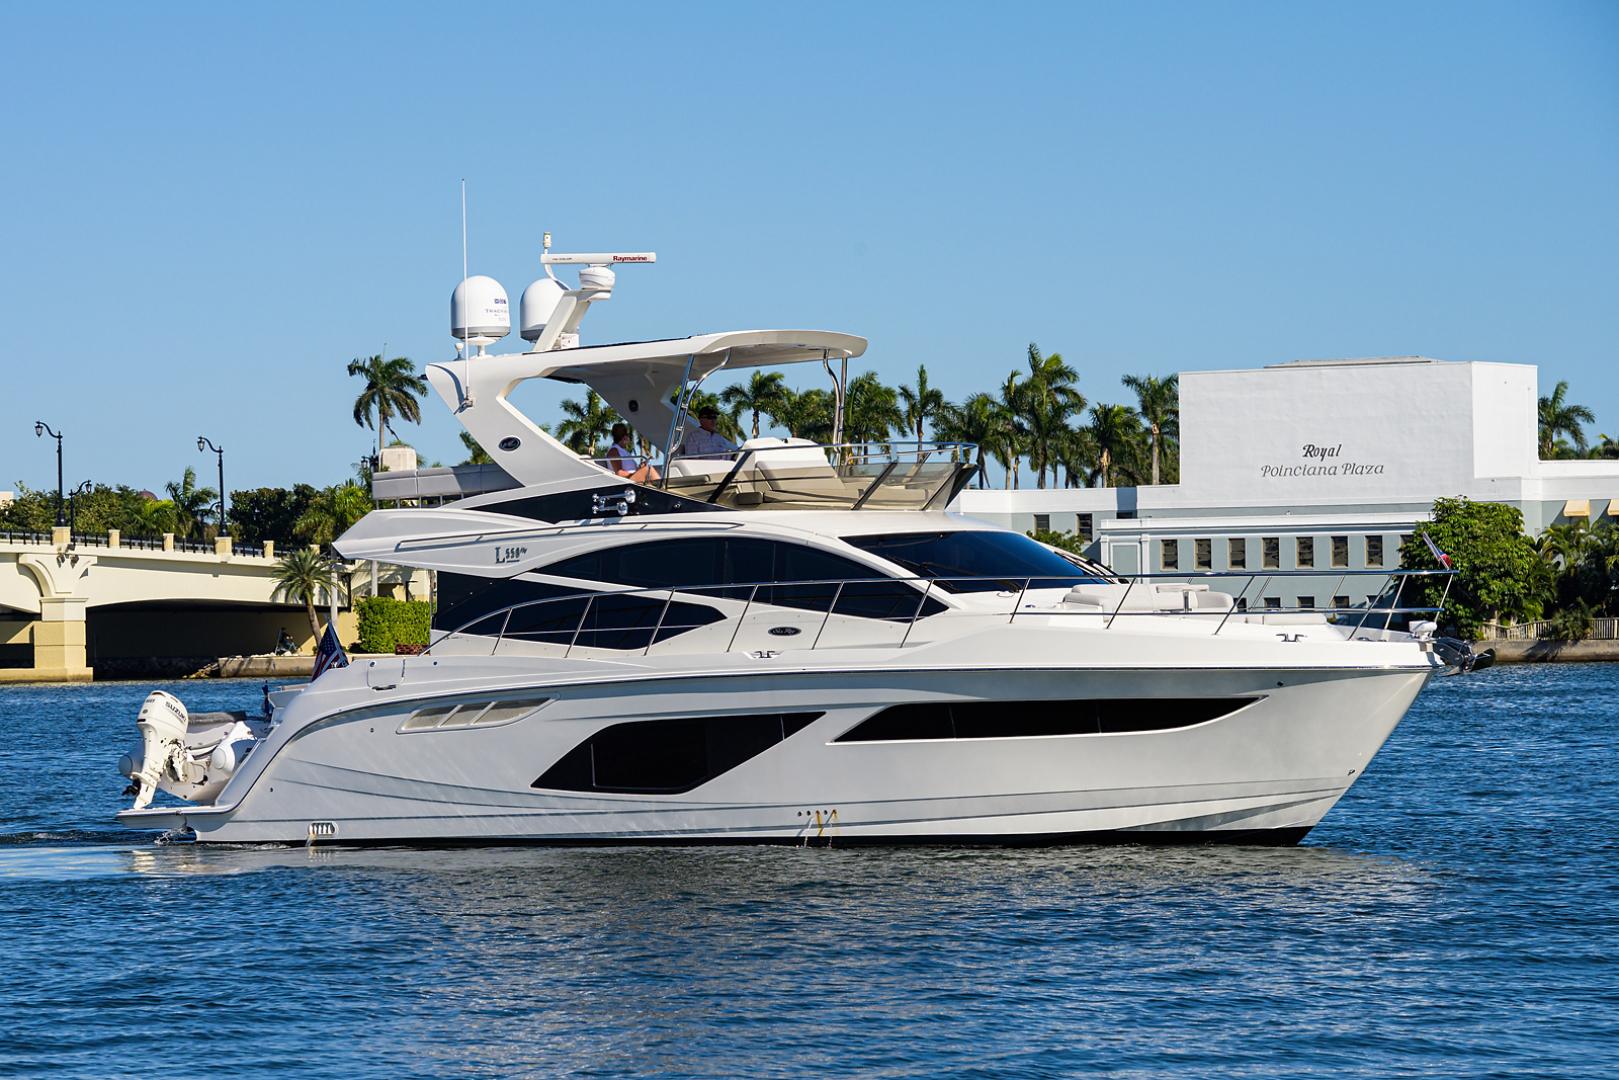 Sea Ray 2017 -Jupiter-Florida-United States-1596642 | Thumbnail